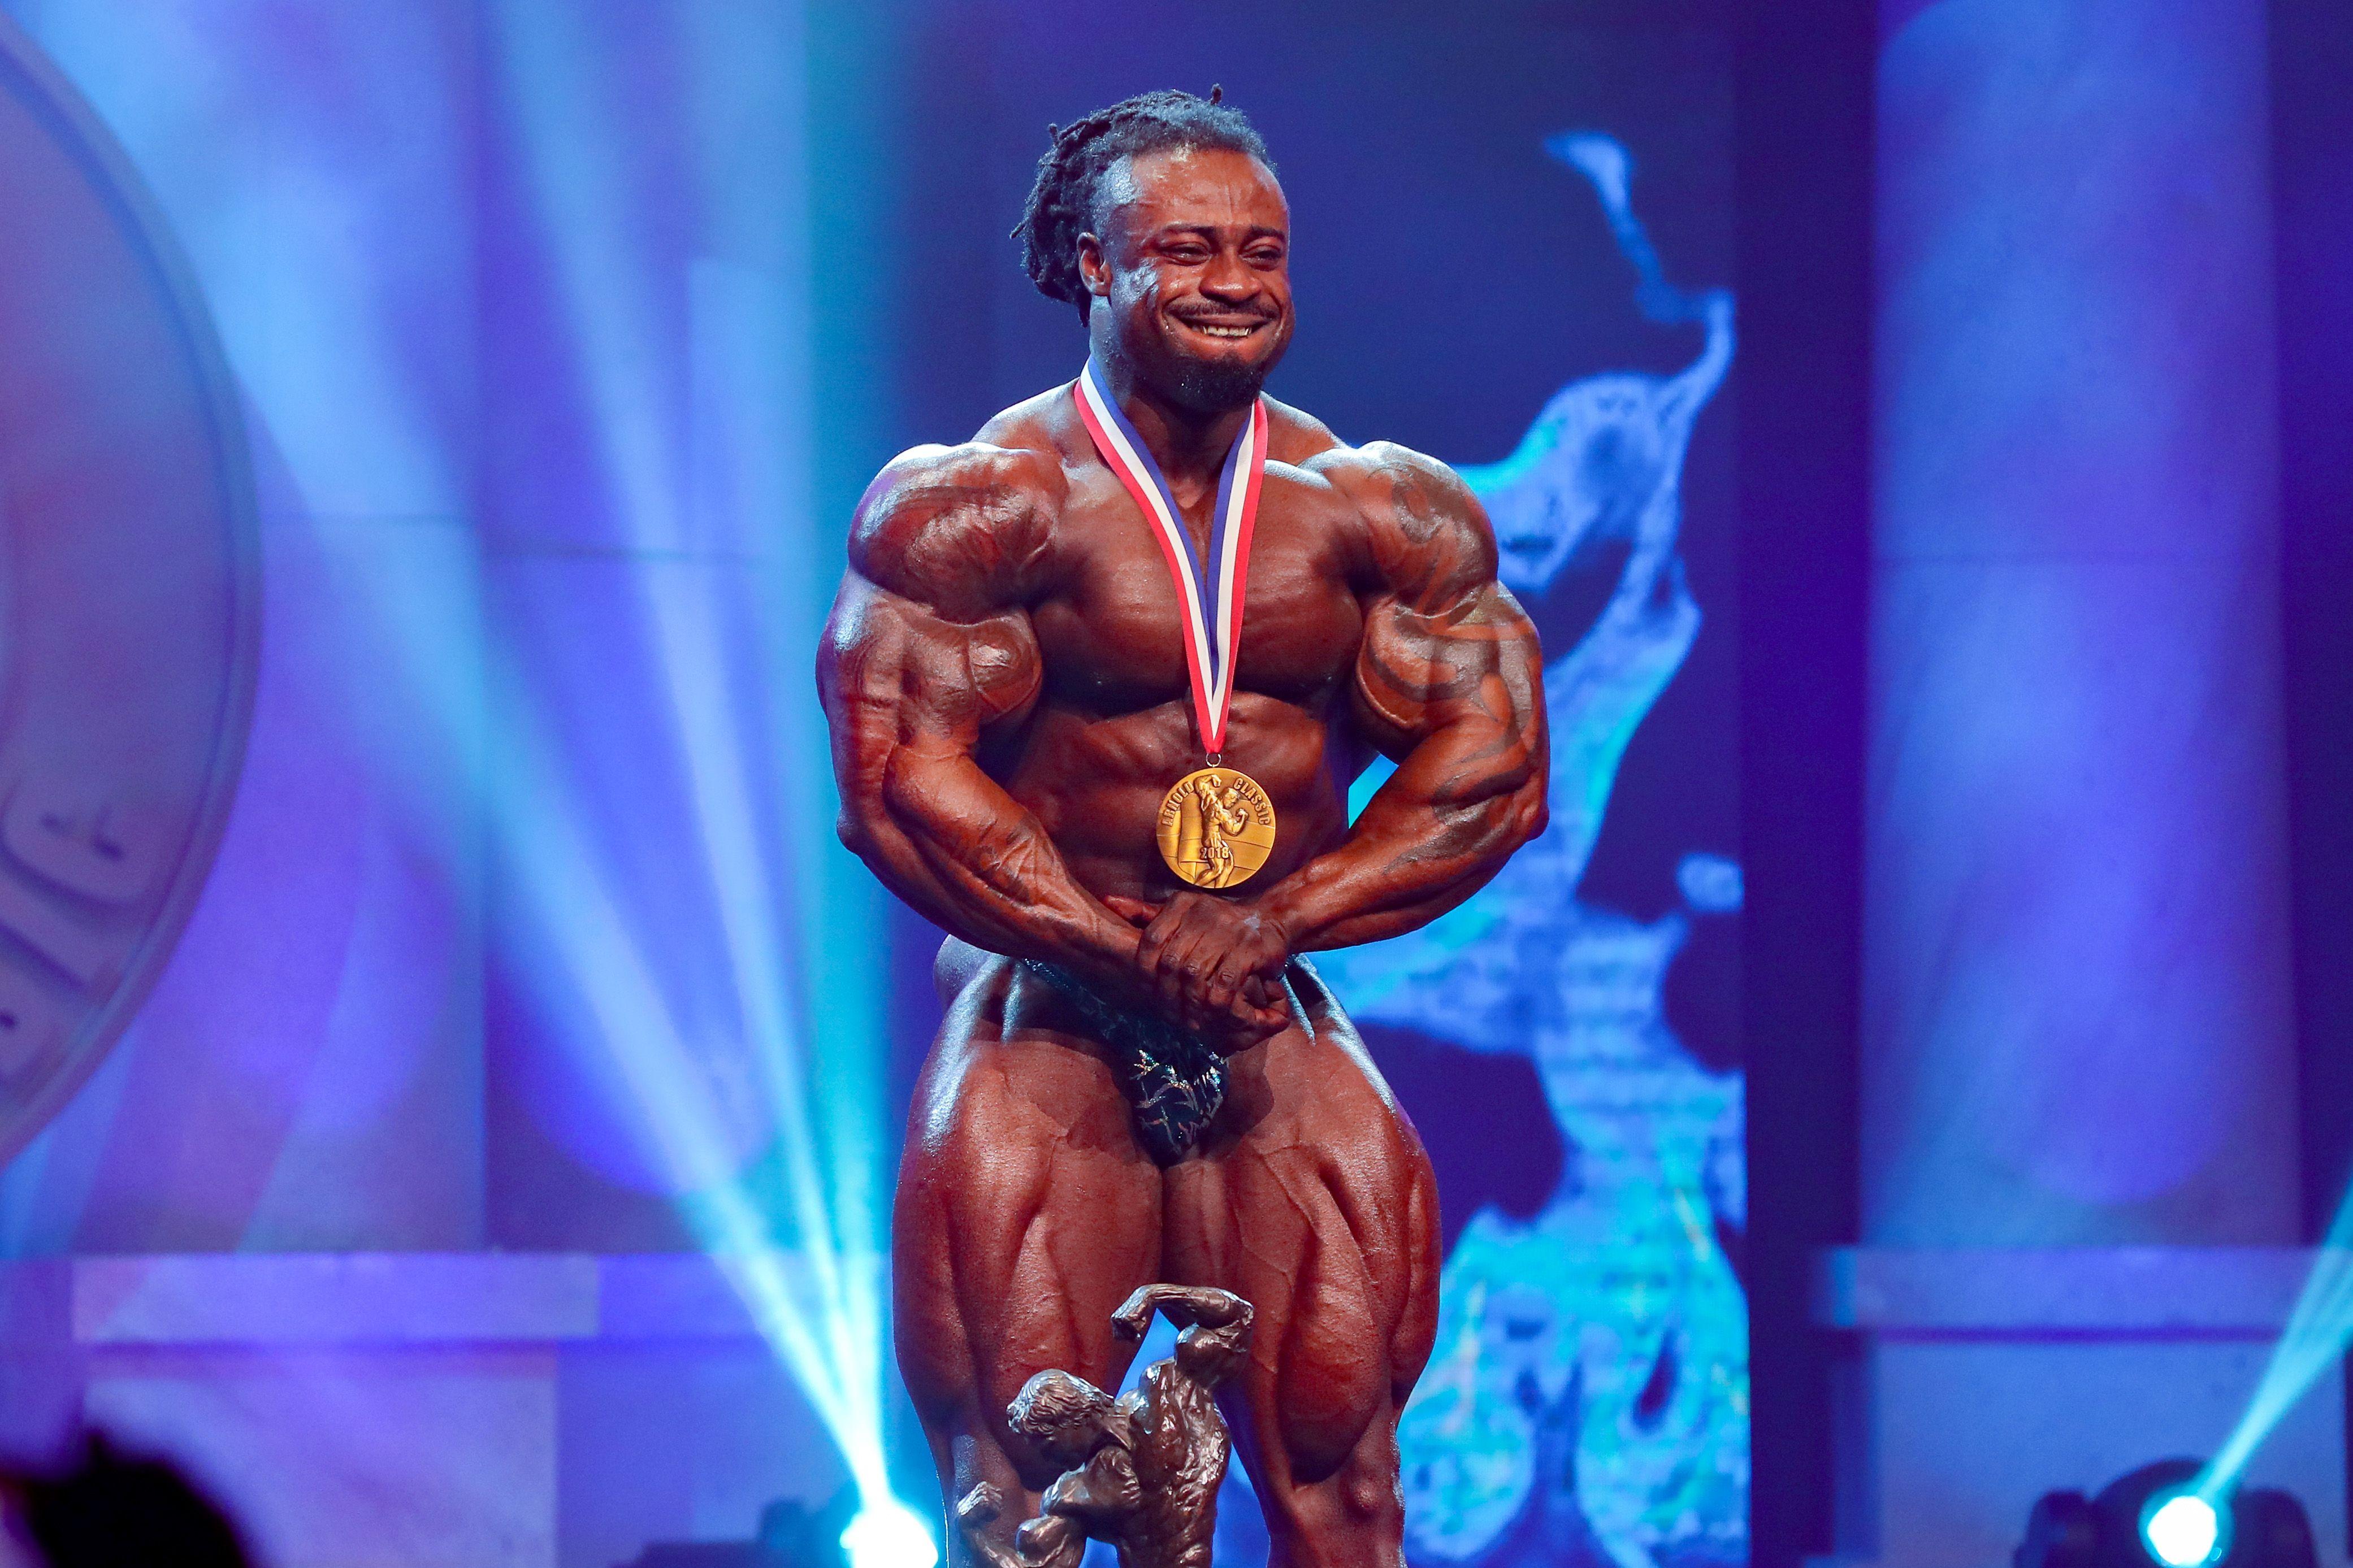 Bodybuilder William Bonac